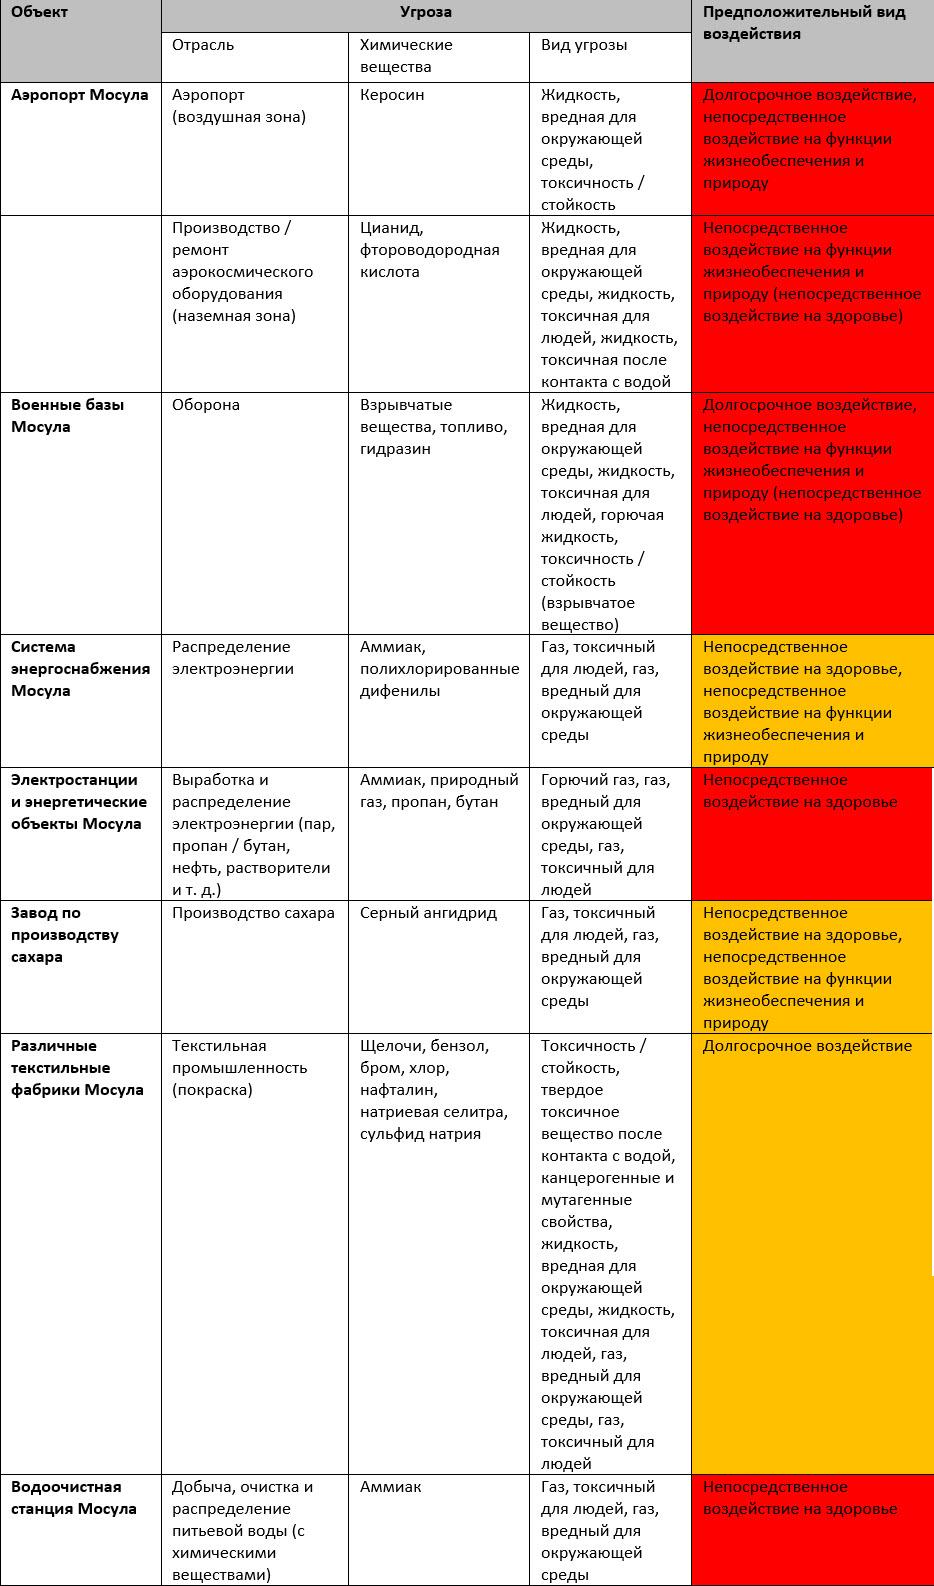 Инструмент идентификации опасных веществ, ситуация в городе Мосул